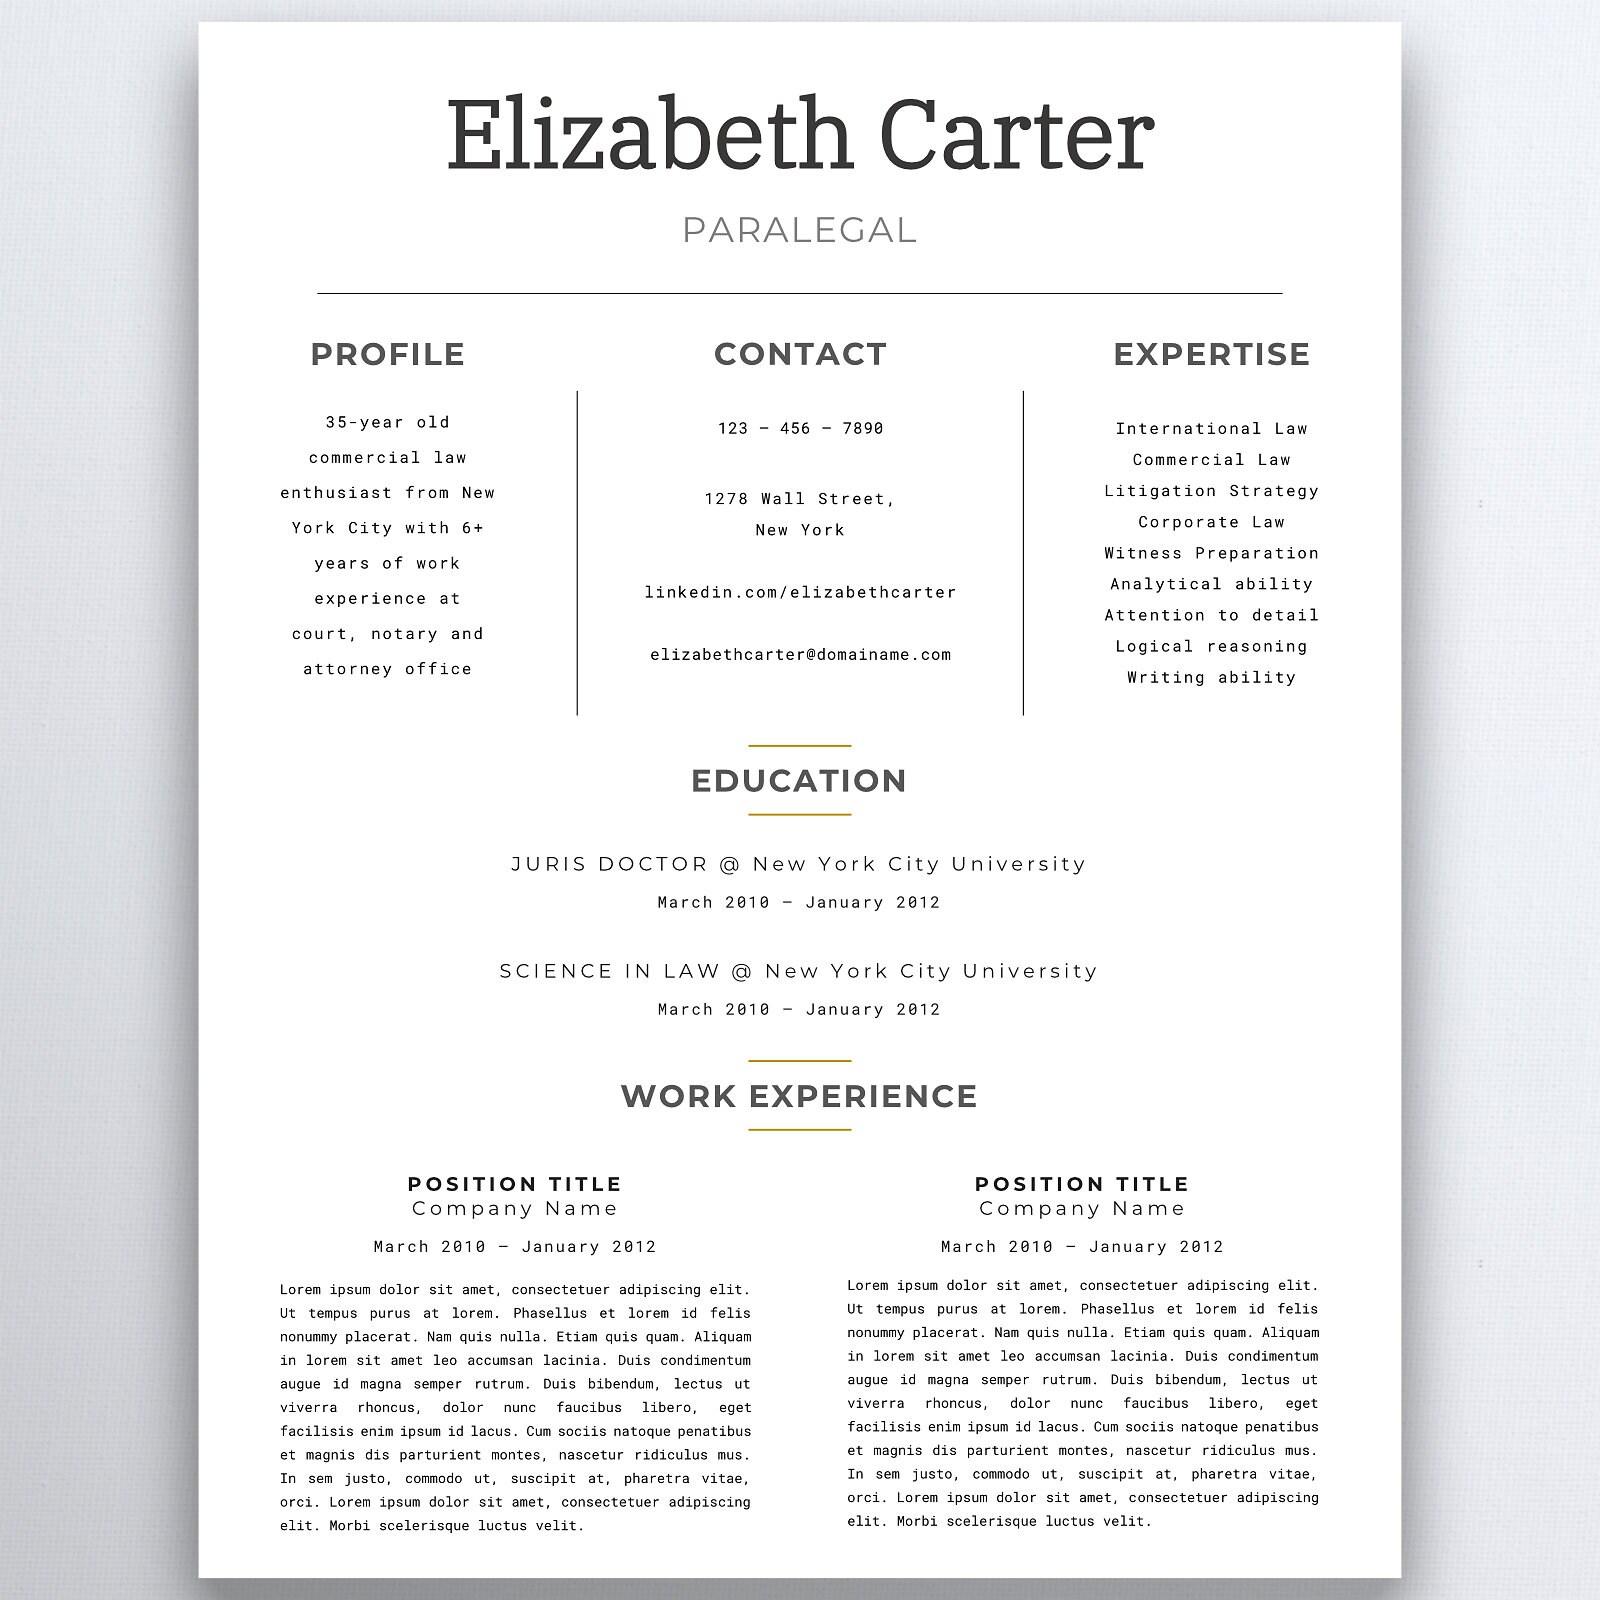 Assistentin Lebenslauf rechtliche Lebenslauf Vorlage | Etsy